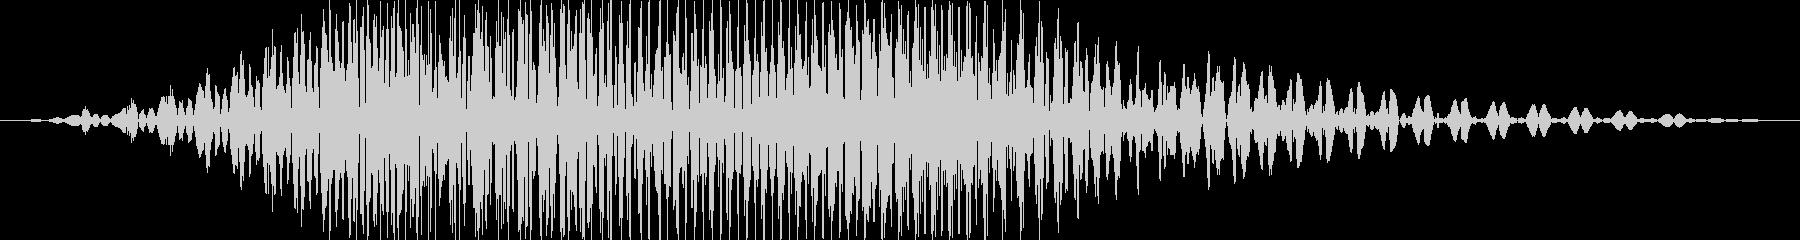 4(よん)の未再生の波形